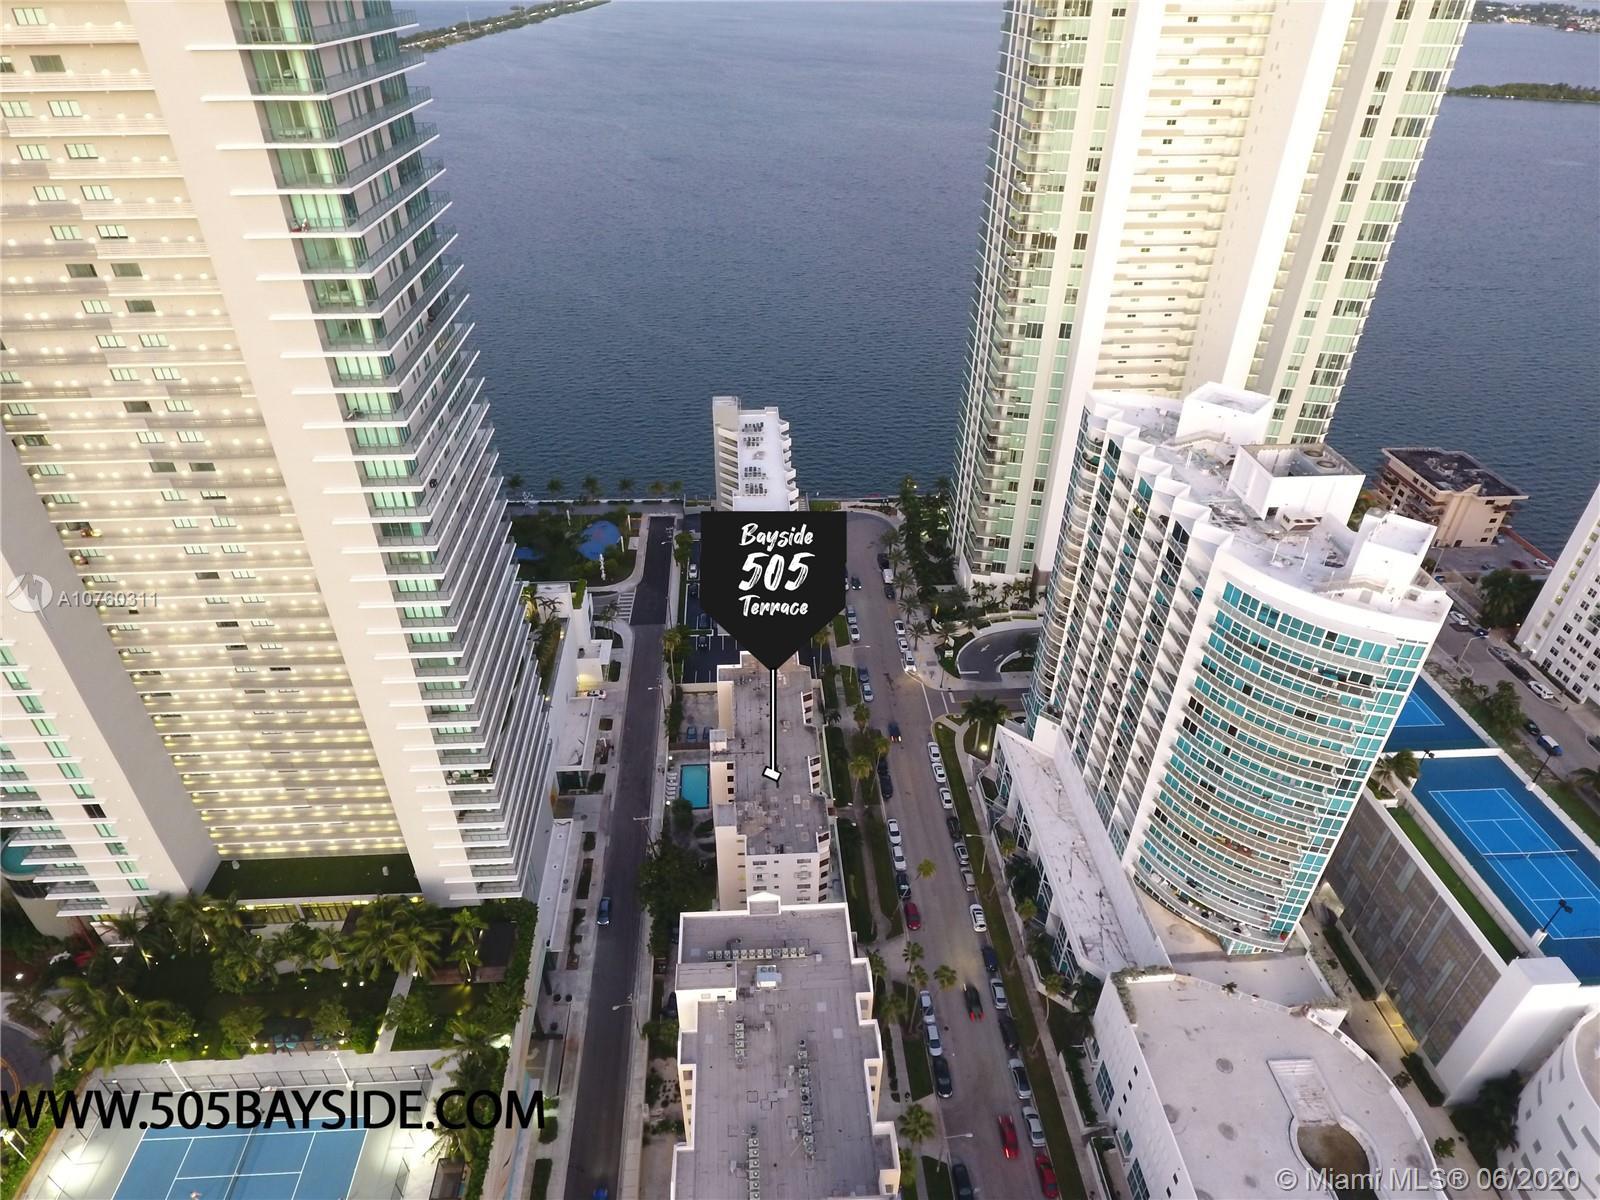 505 NE 30 st, Miami, FL 33137